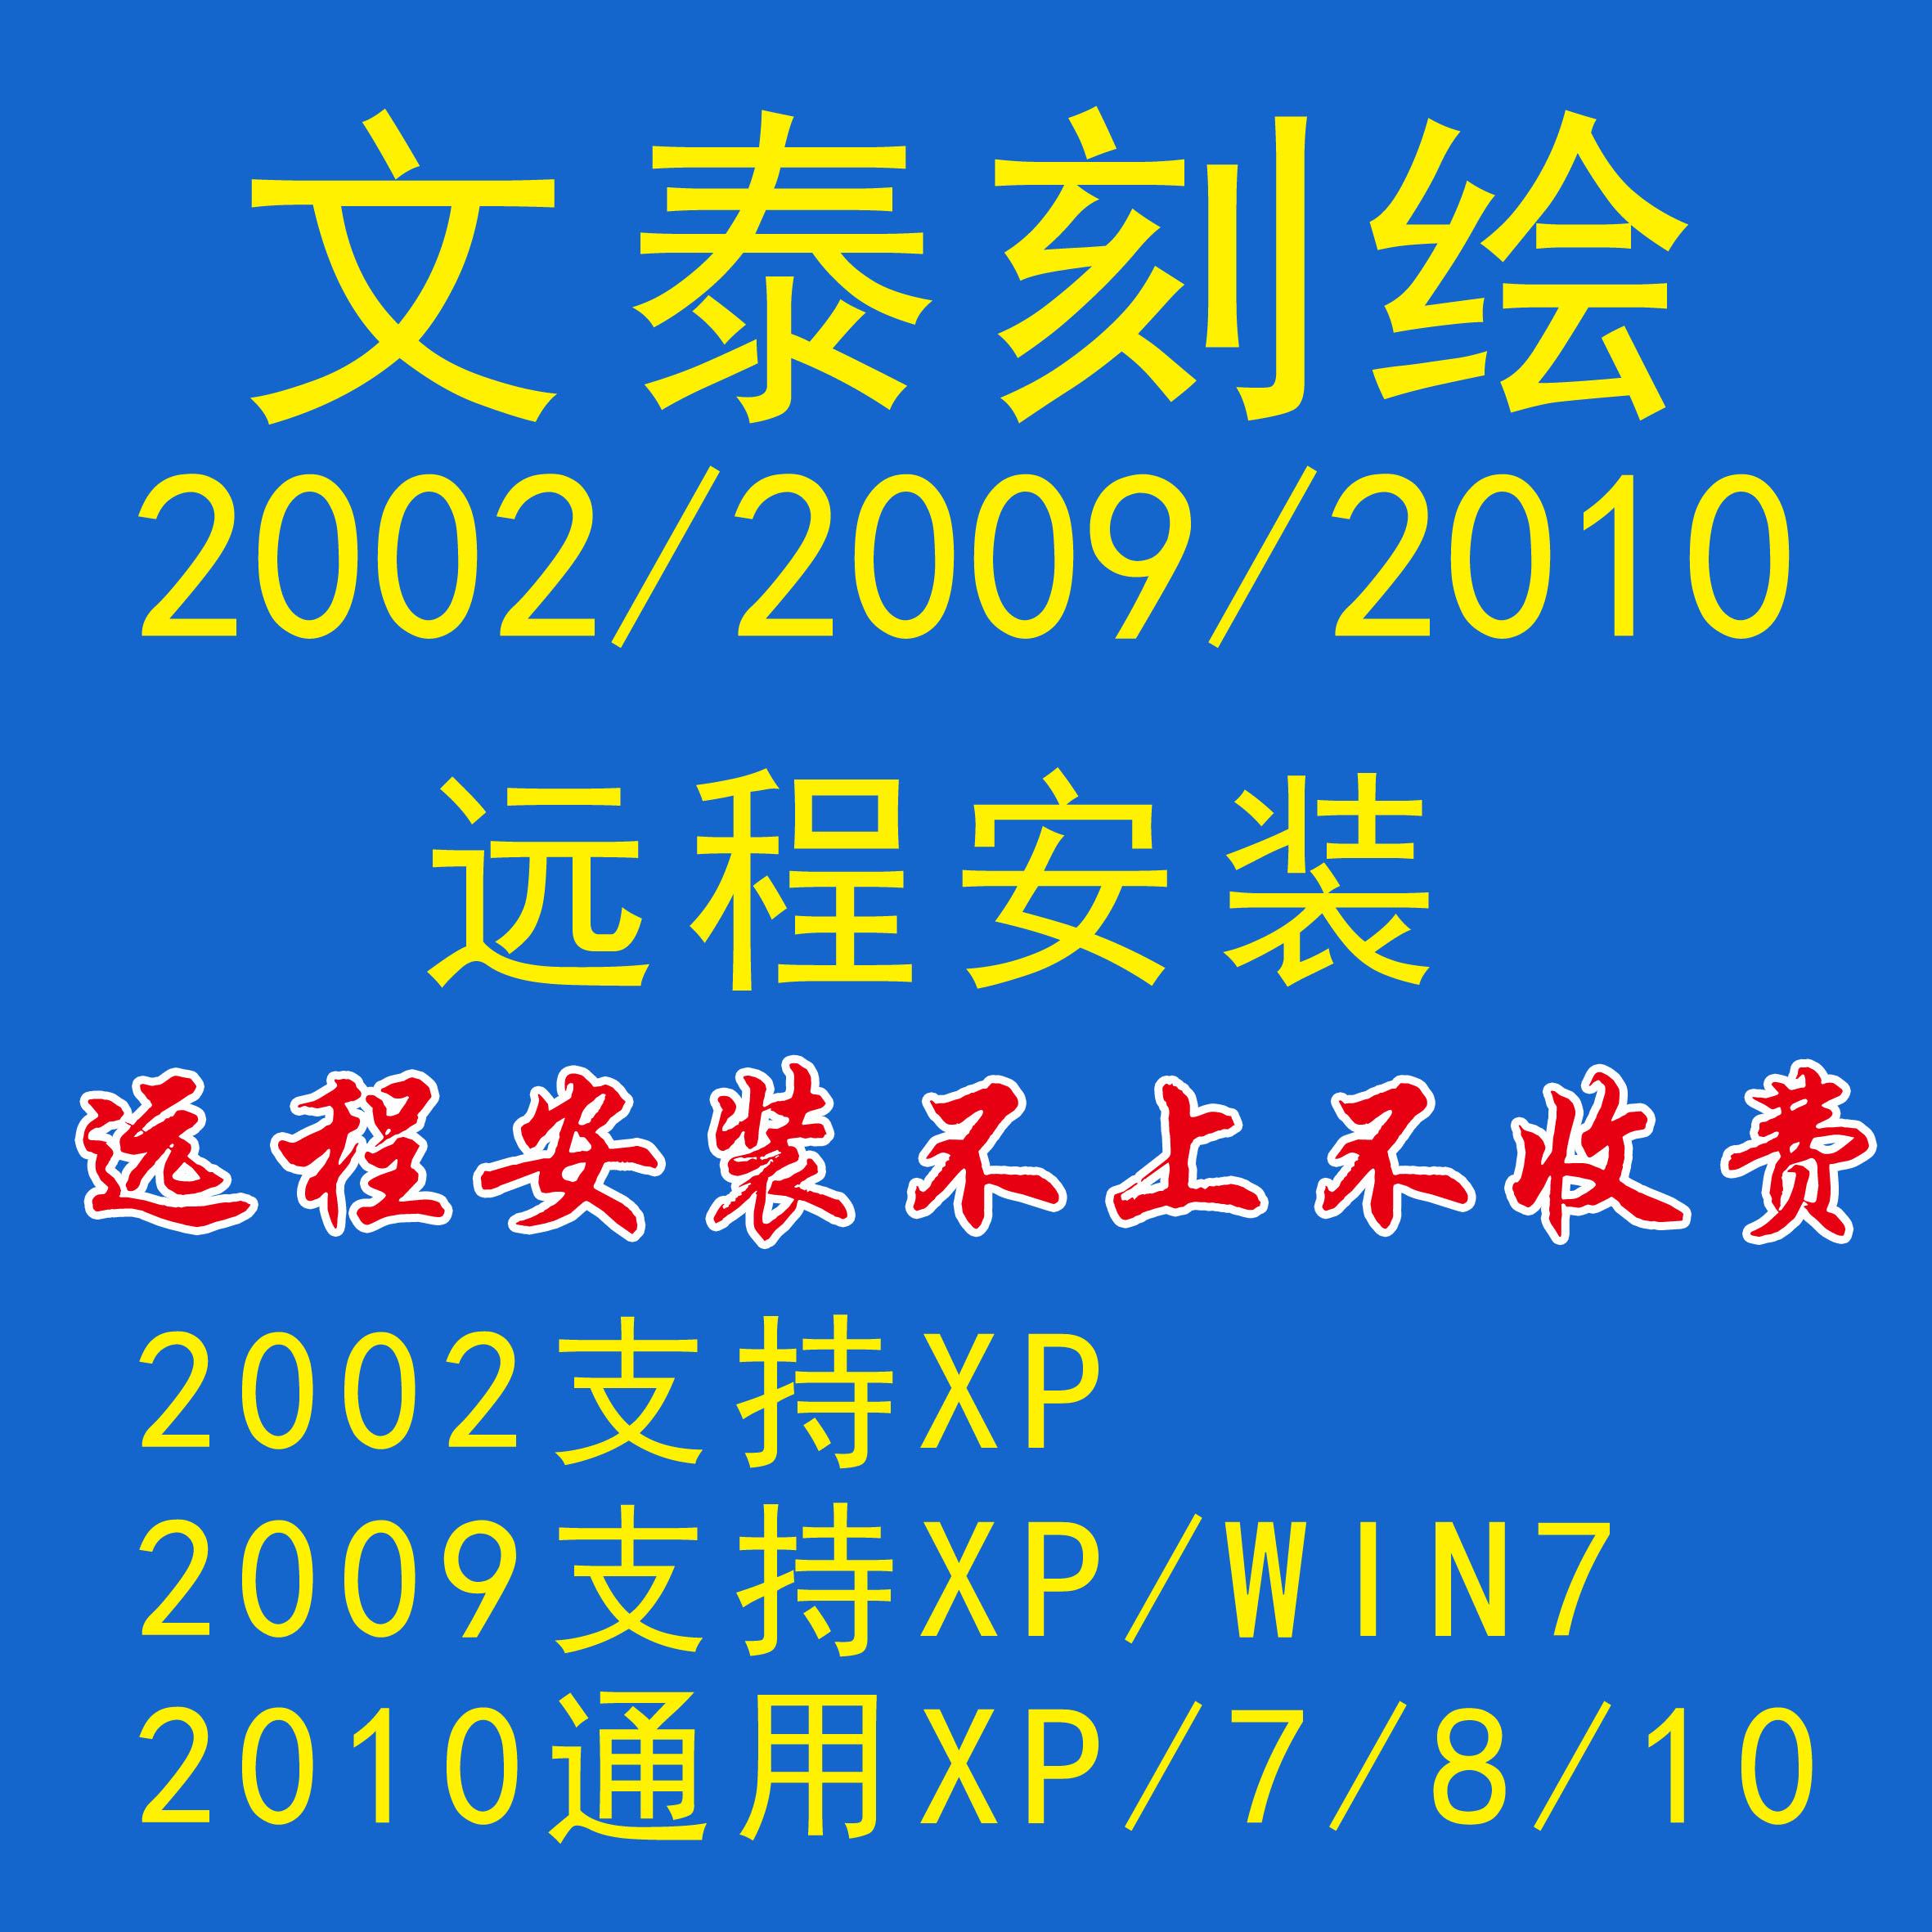 Wentai Engraving 2009 Wentai Software 2010 Wentai 2002 Гравировка слово Программное обеспечение машины содержит Millennium Gallery Remote установка